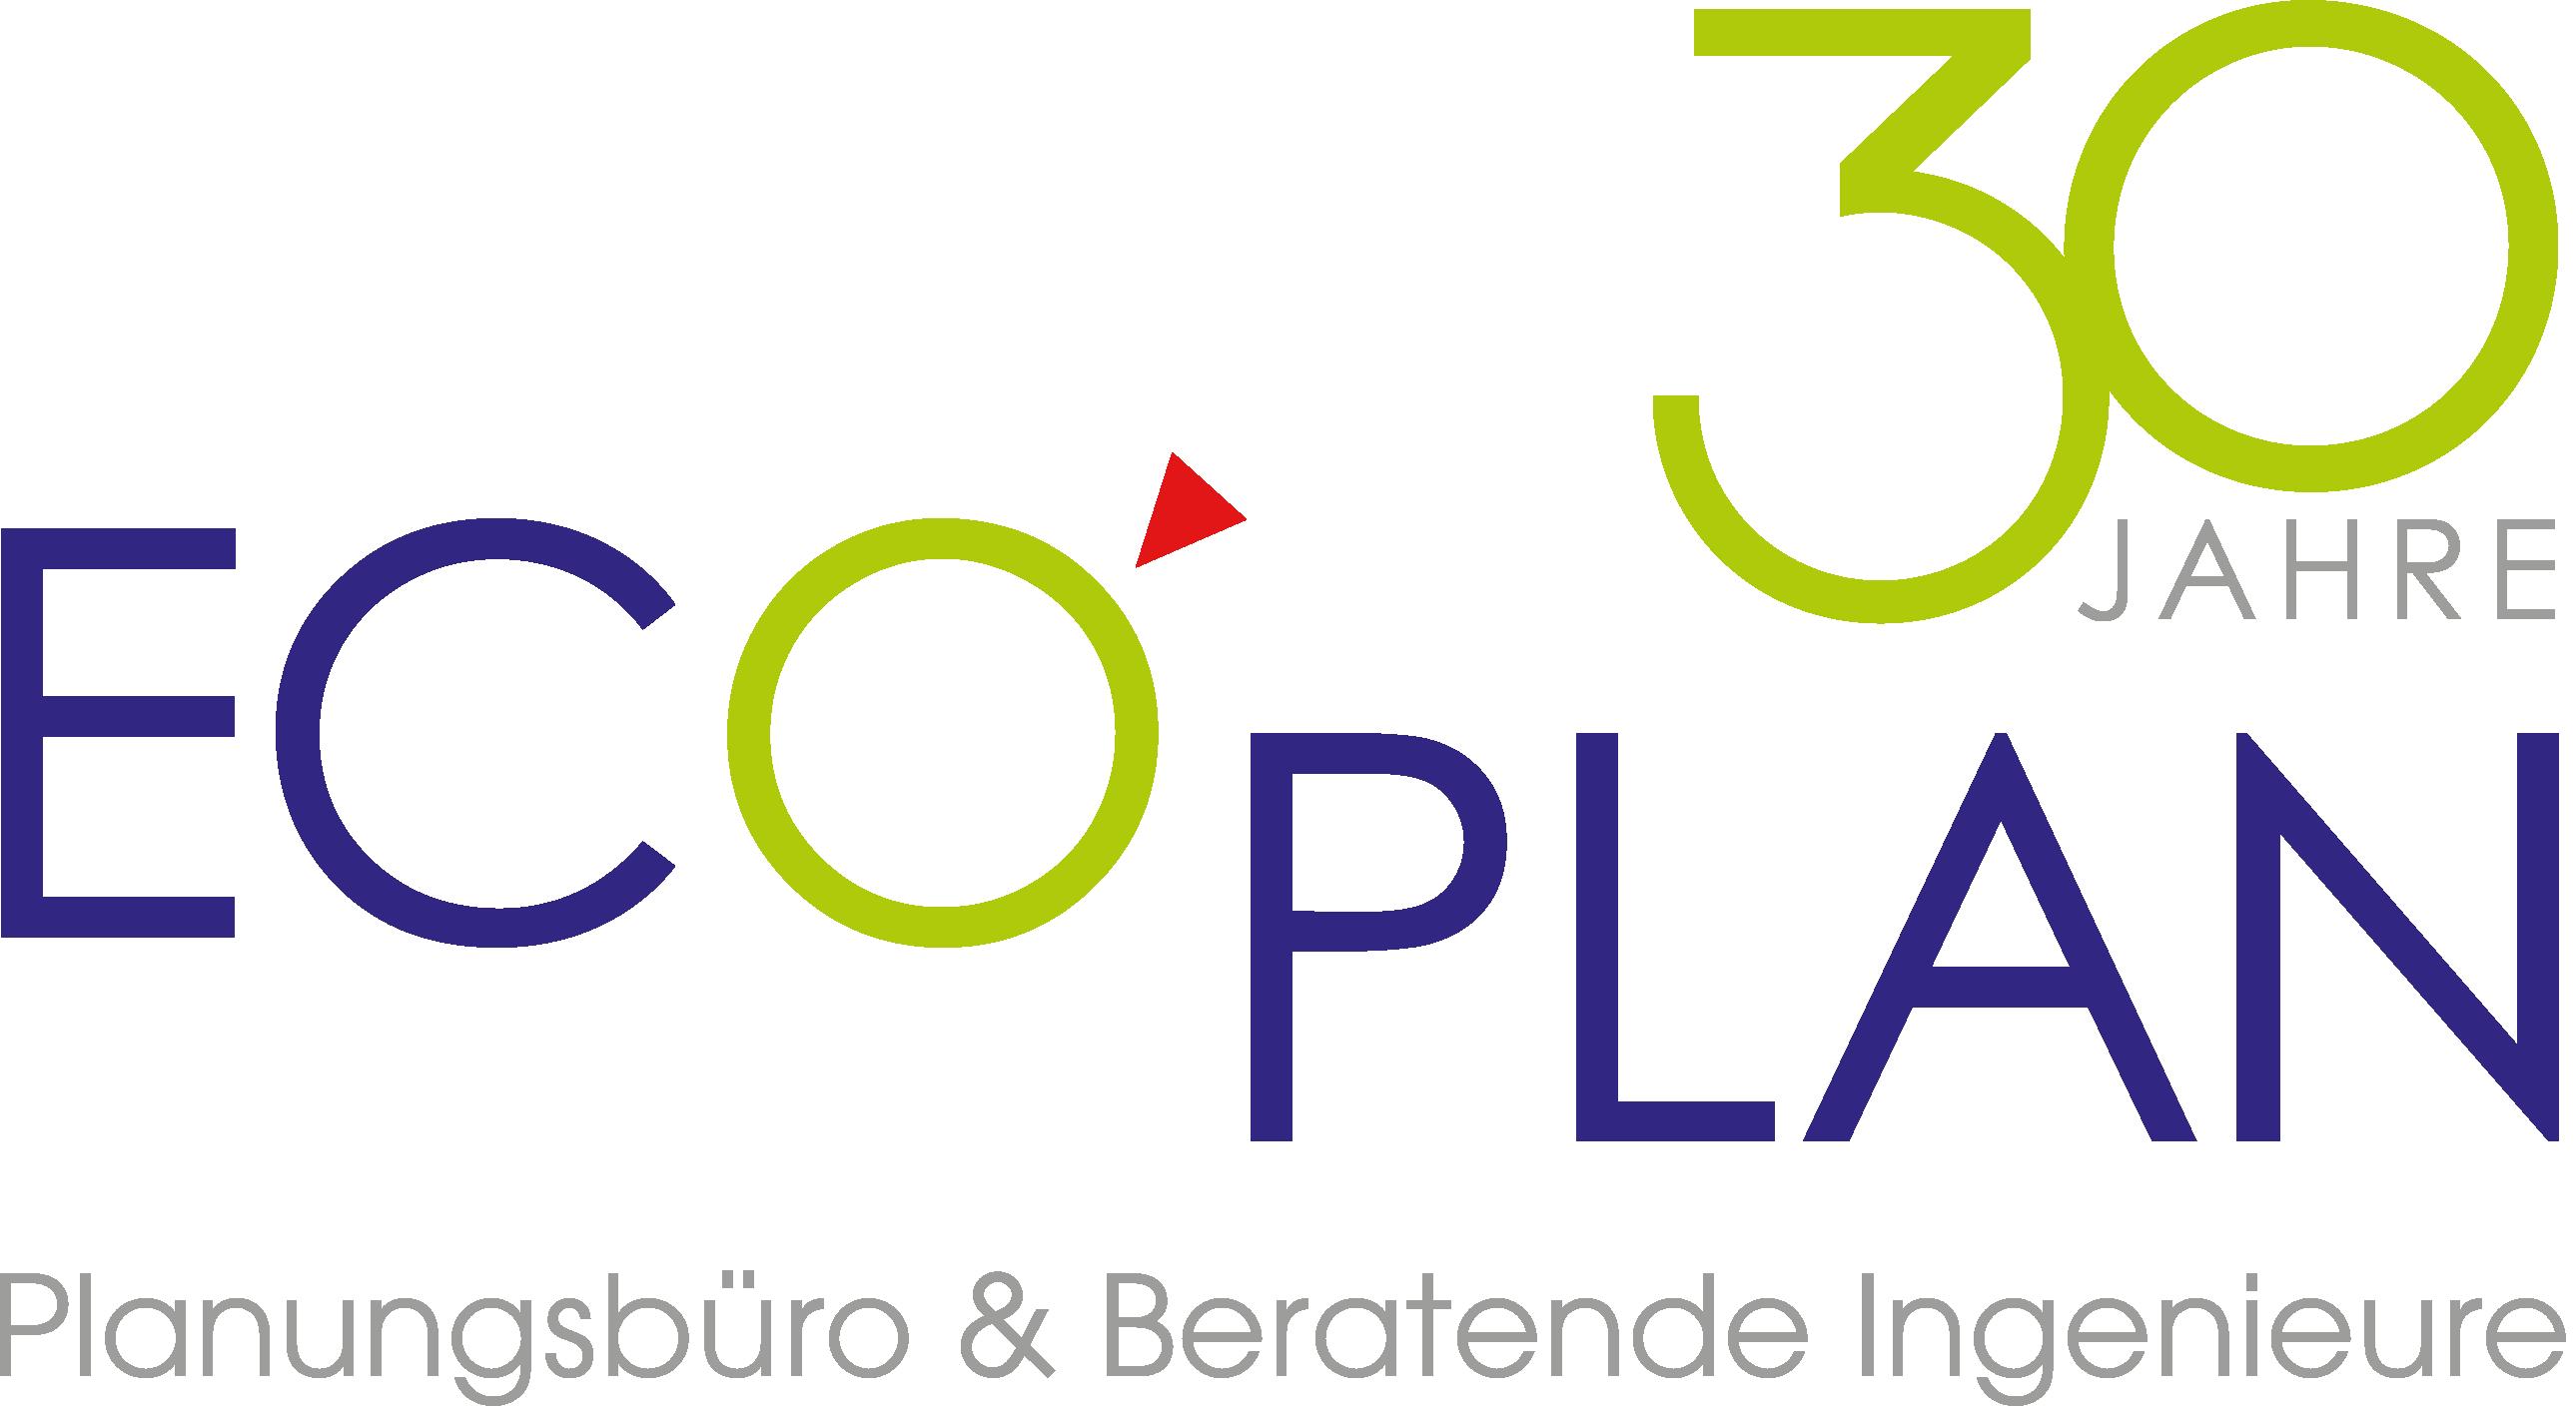 zurück zur Startseite (ECOPLAN GmbH (Berlin) – Planungsbüro & Beratende Ingenieure)